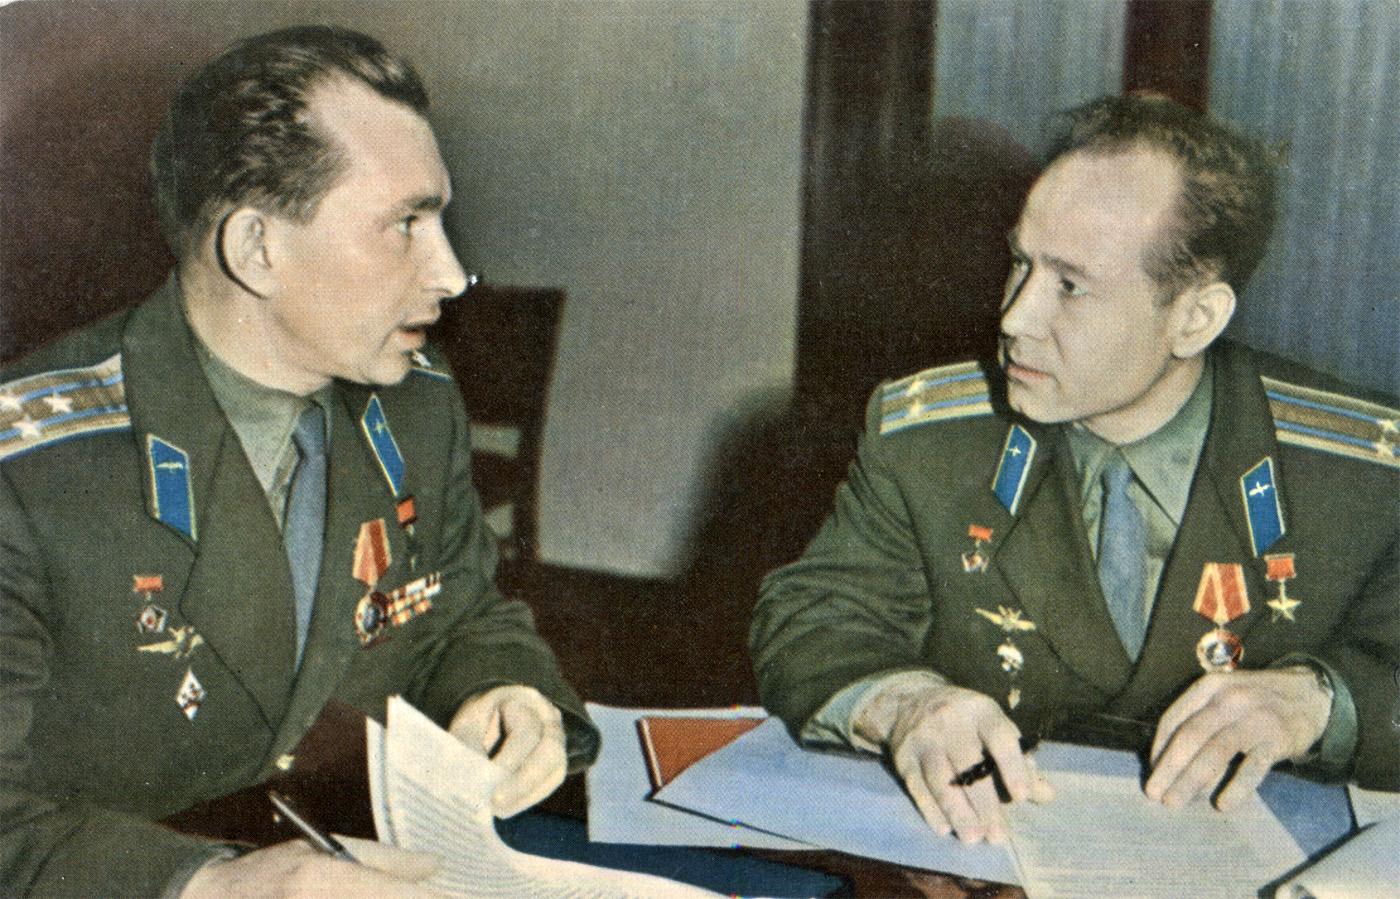 Cosmonauts Belyaev and Leonov